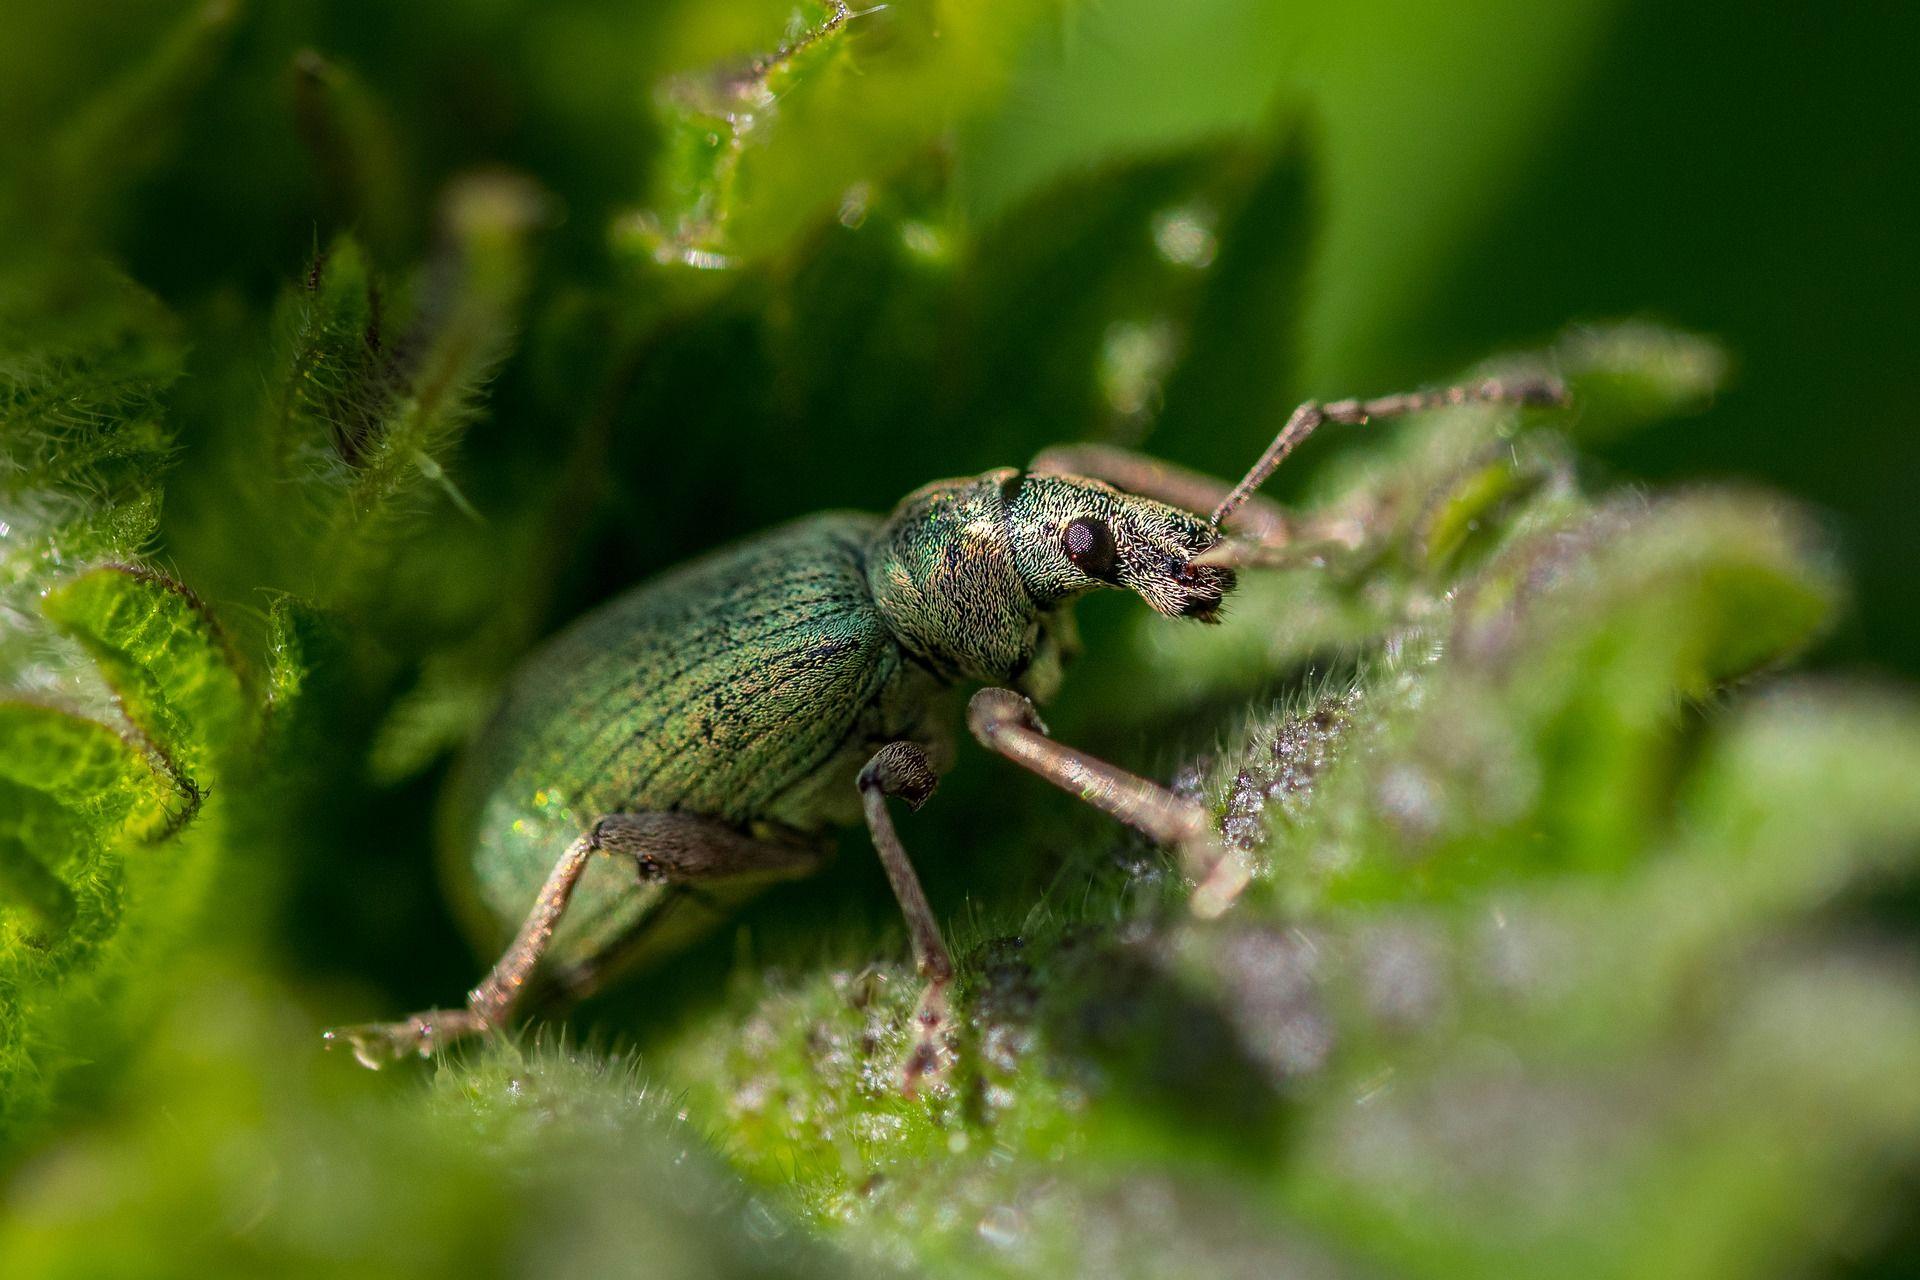 Смотреть необычную картинку жука среди цветов